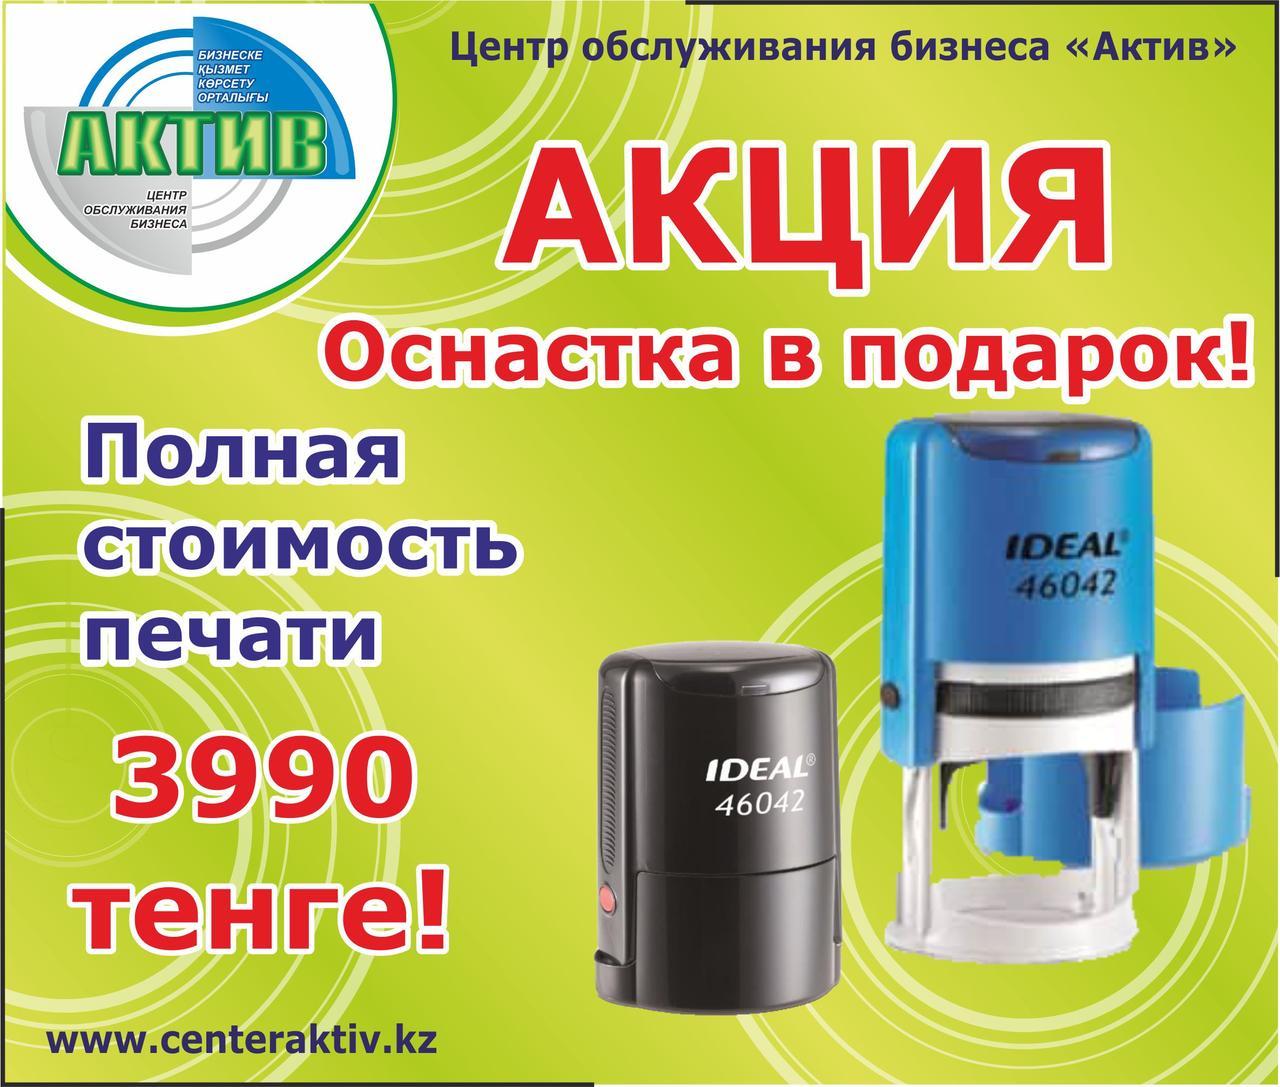 Печать штамп для ИП / ТОО Акция - оснастка в подарок Печать за 3990 т!